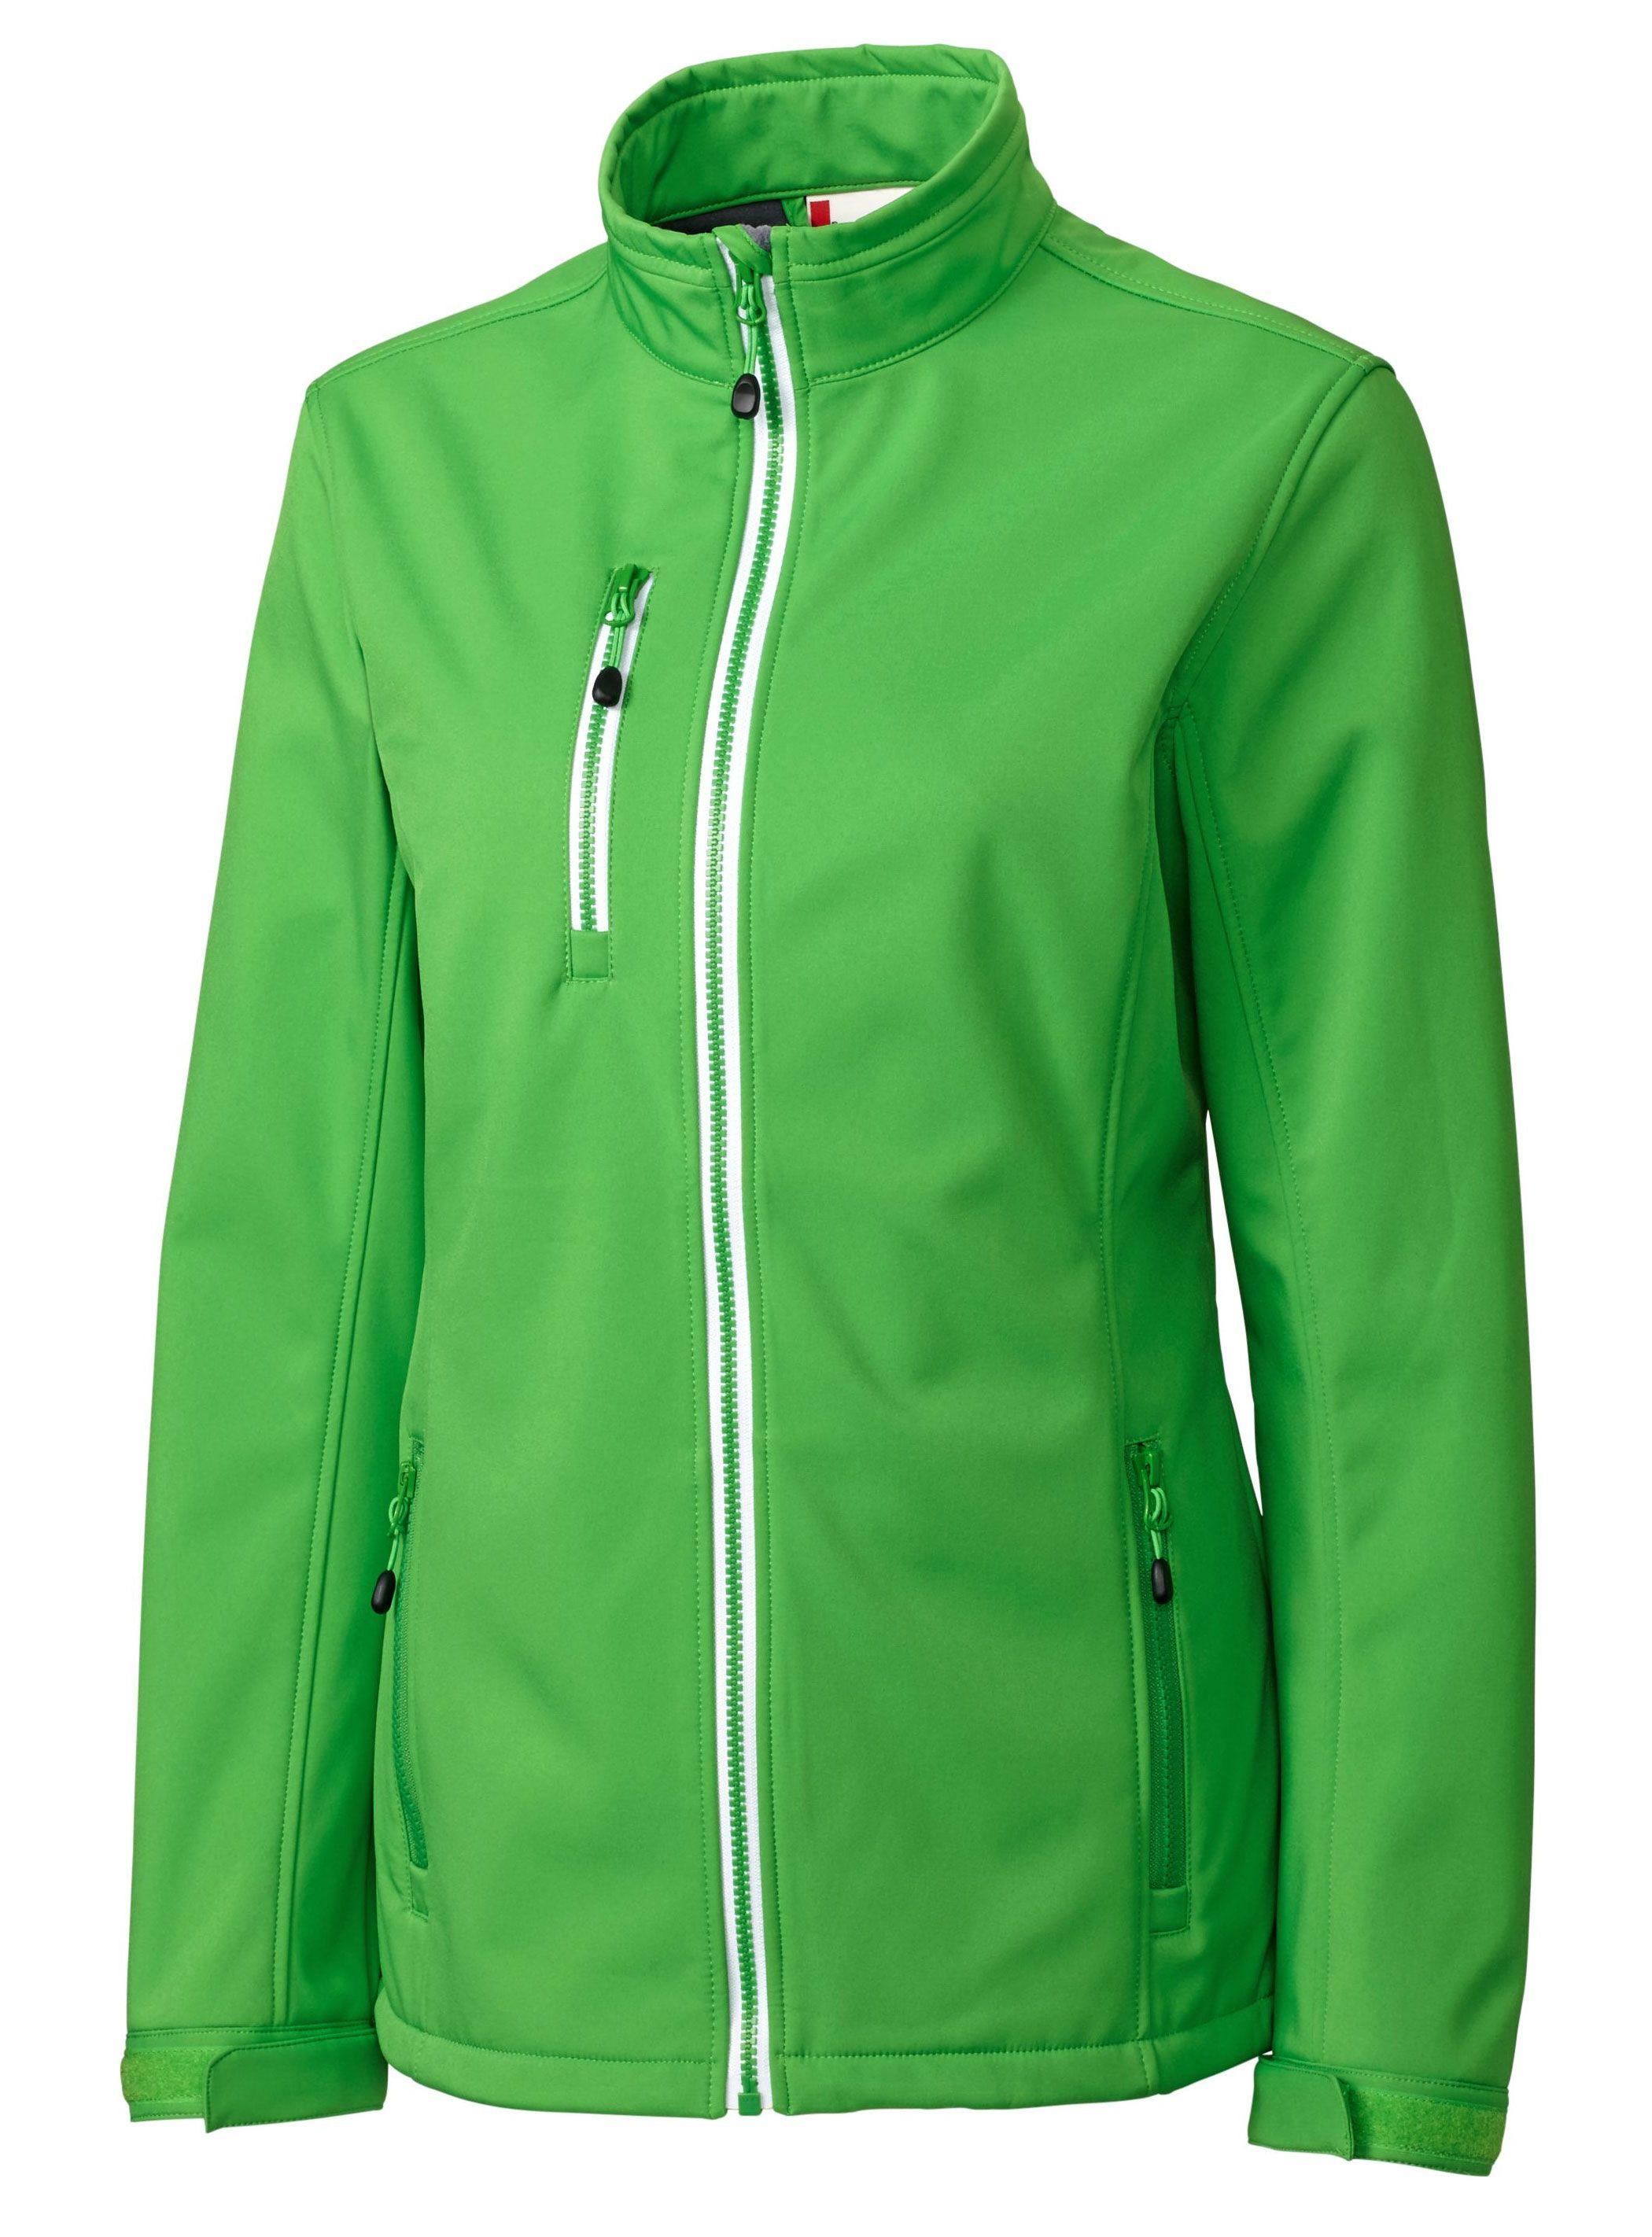 CliQue Ladies Basic Softshell Jacket Femme